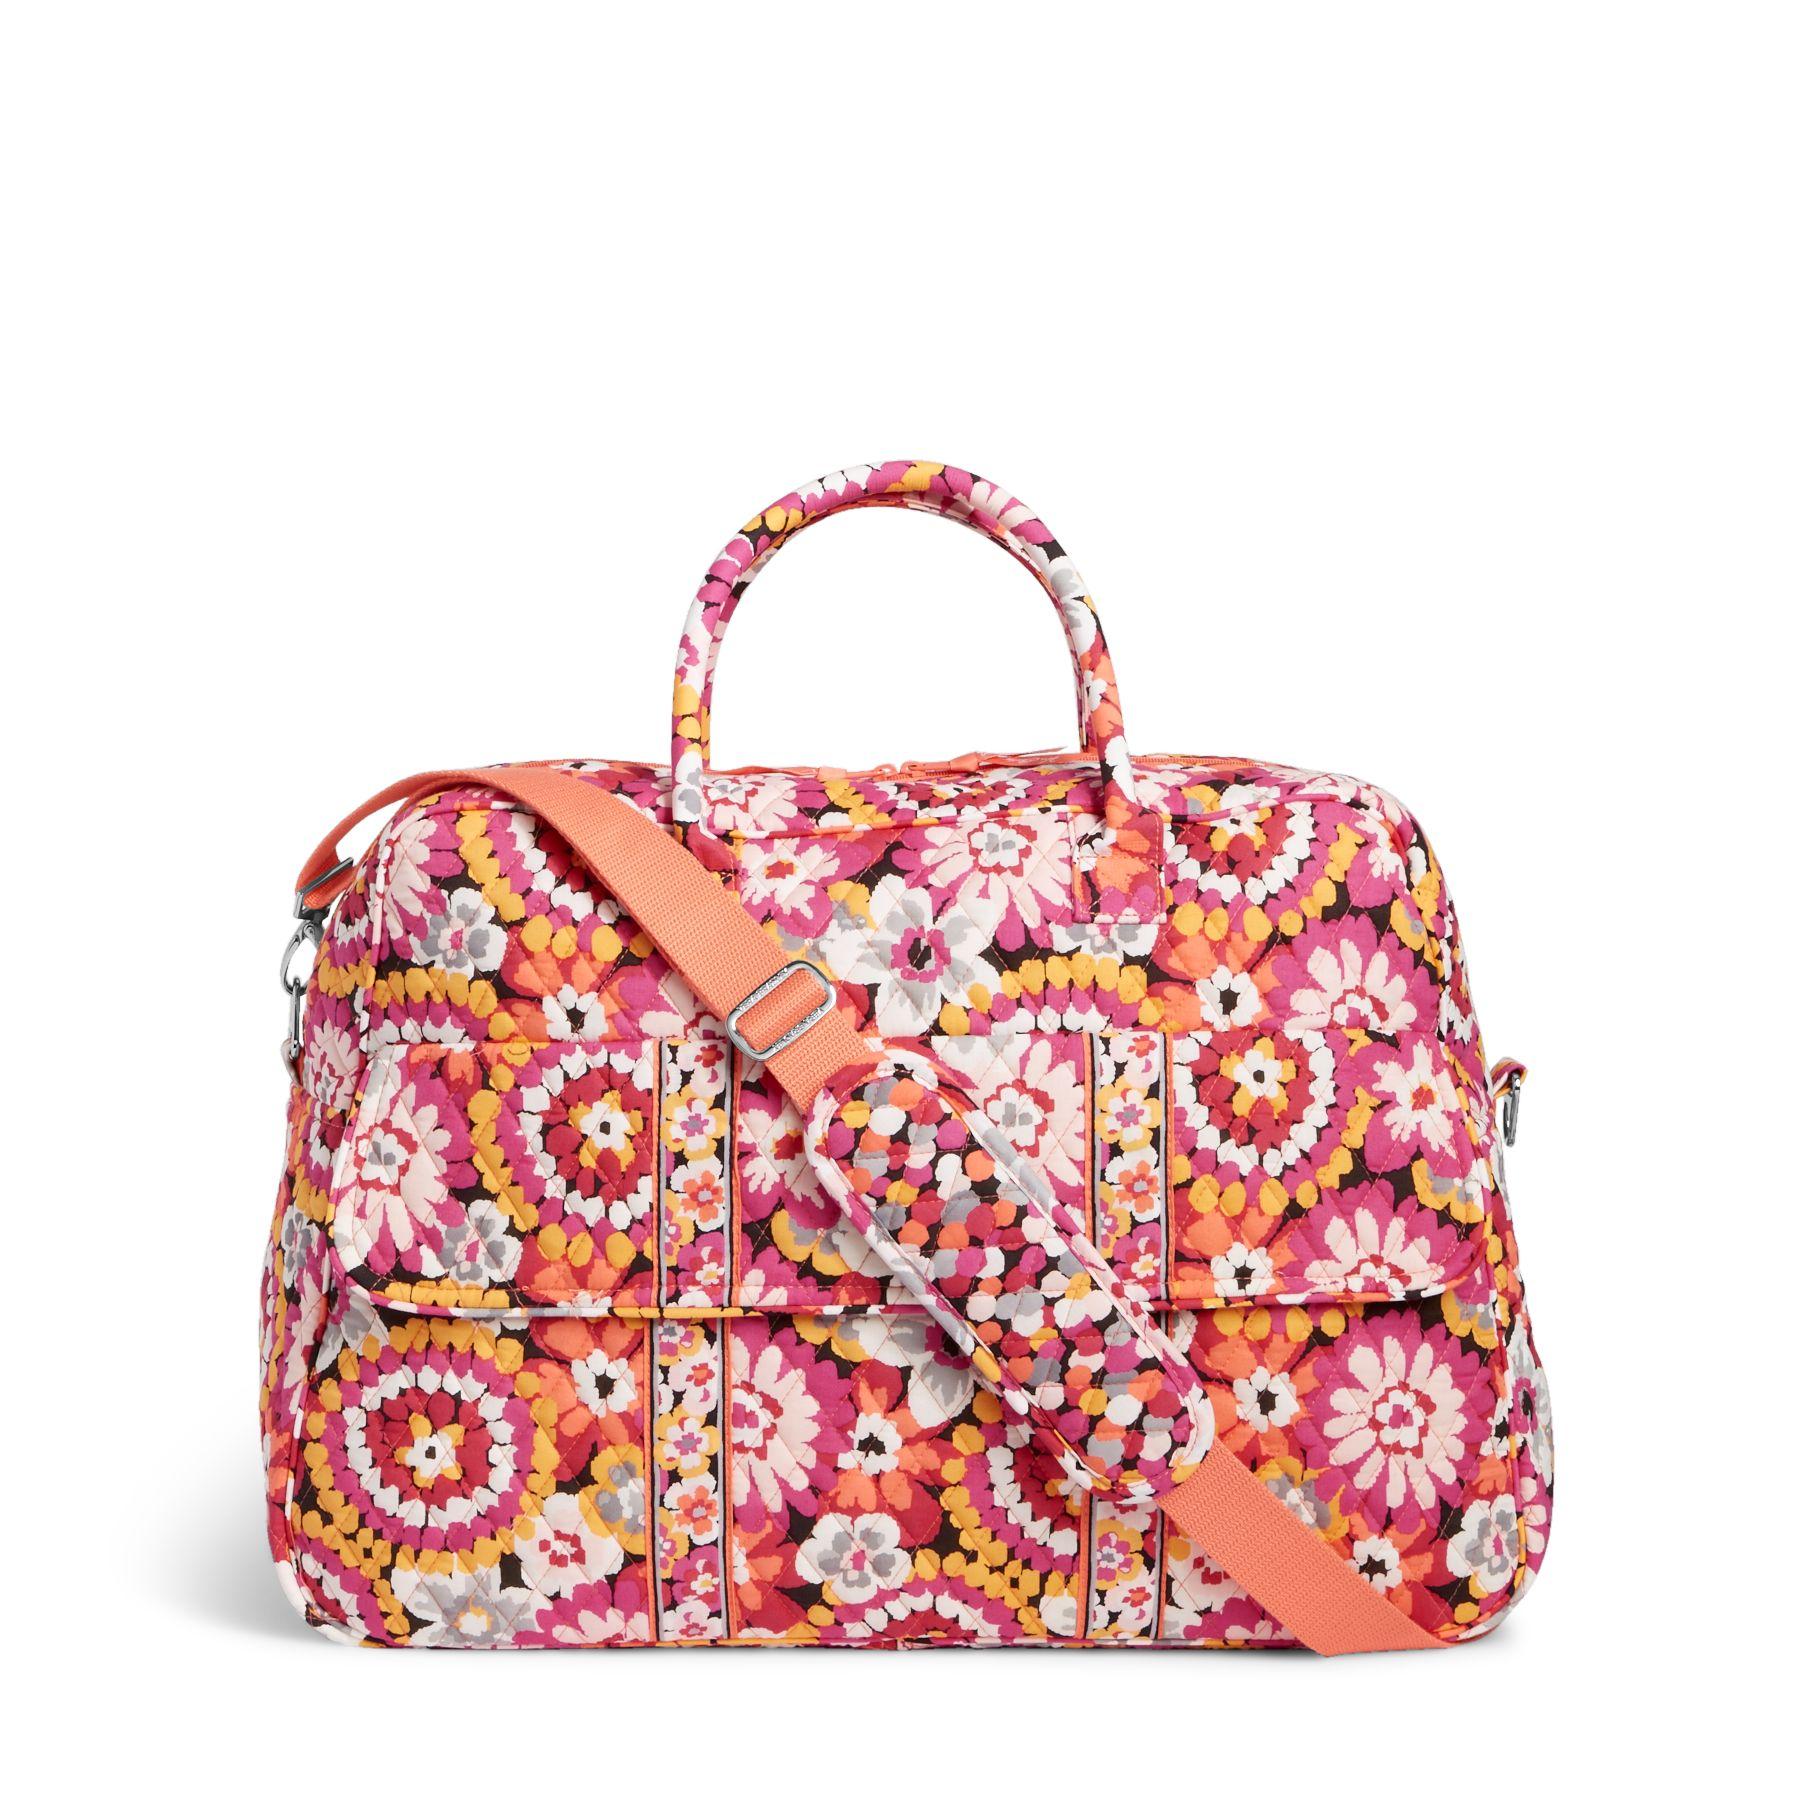 Vera Bradley Grand Traveler Bag in Pixie Blooms